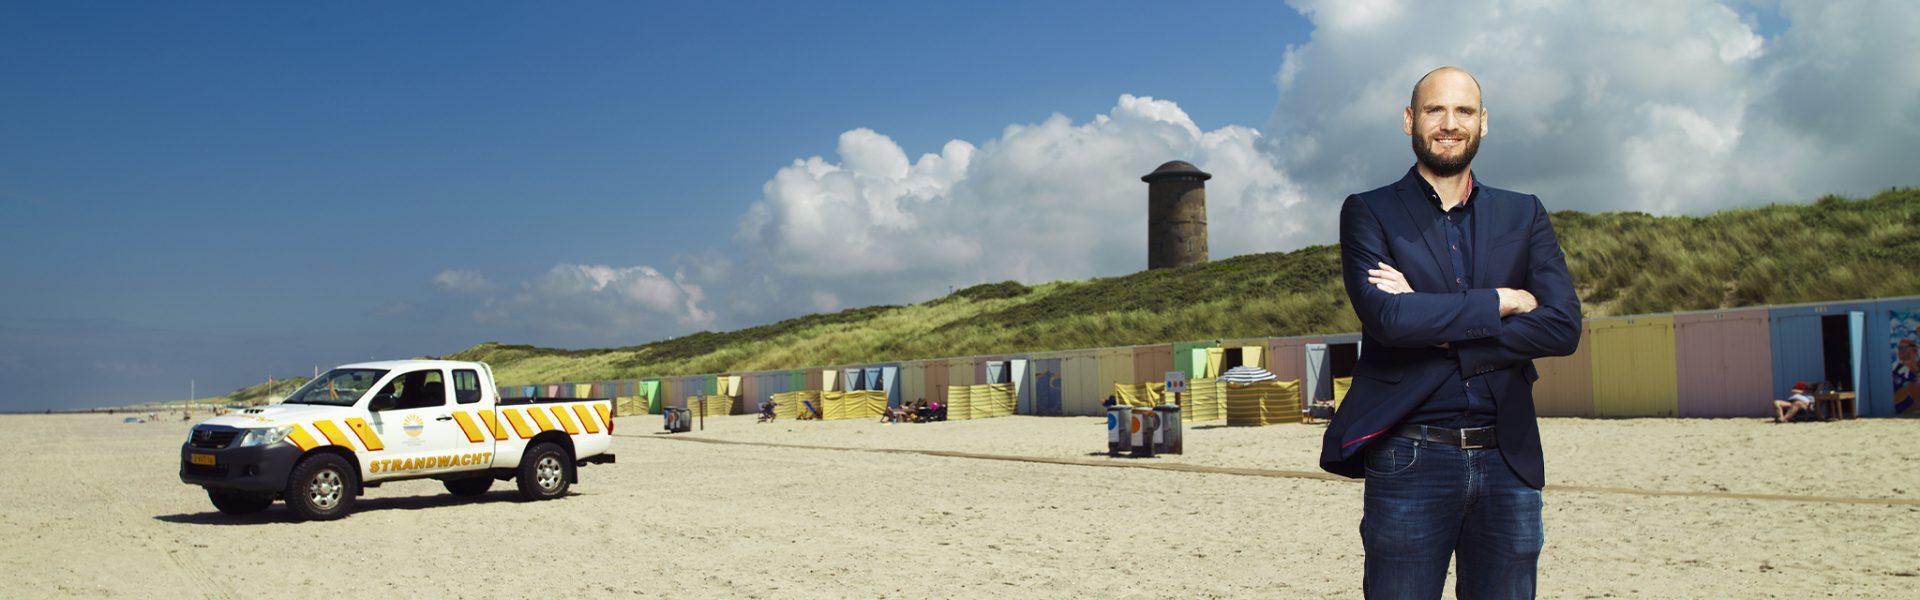 Directeur Tim Wouters op het strand in de gemeente Veere